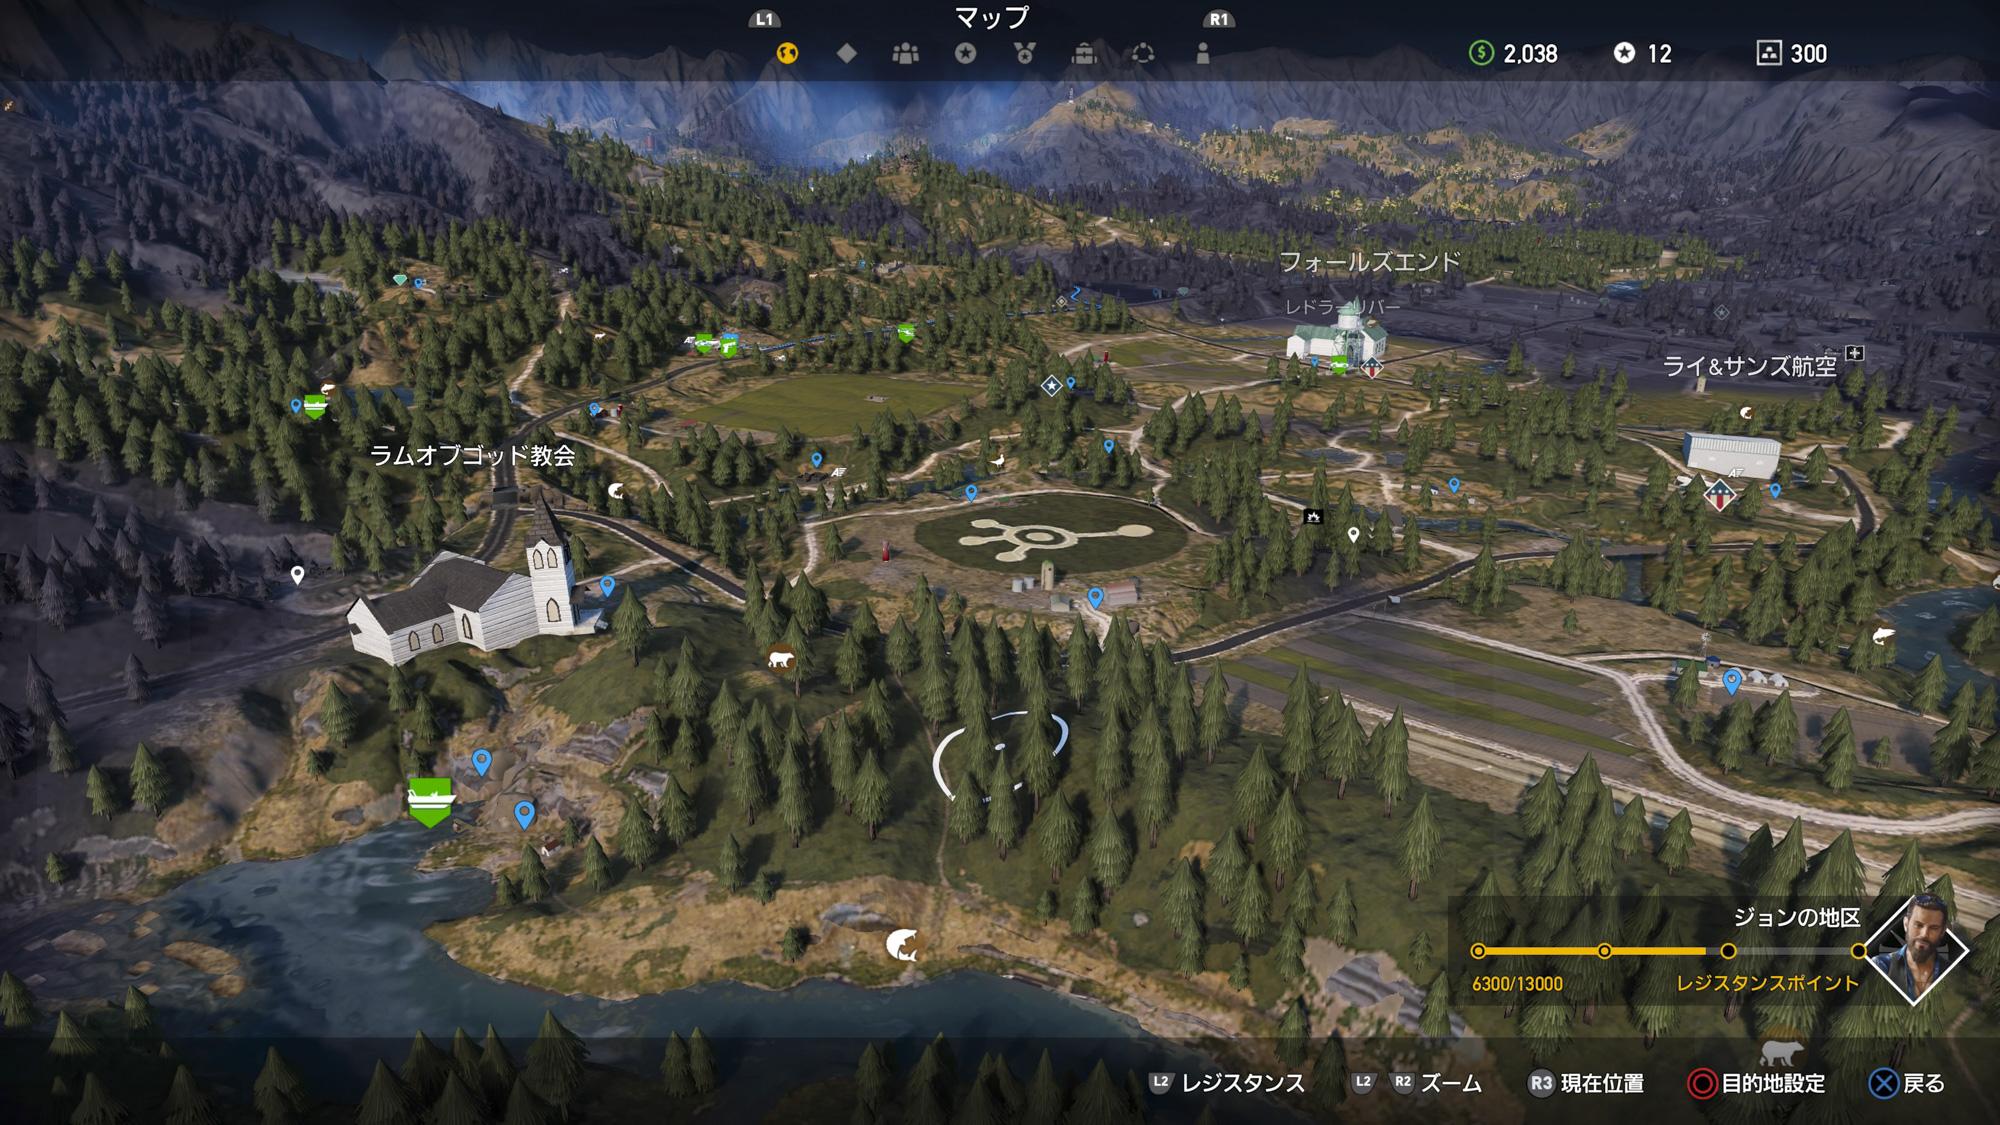 FARCRY5 3Dマップ